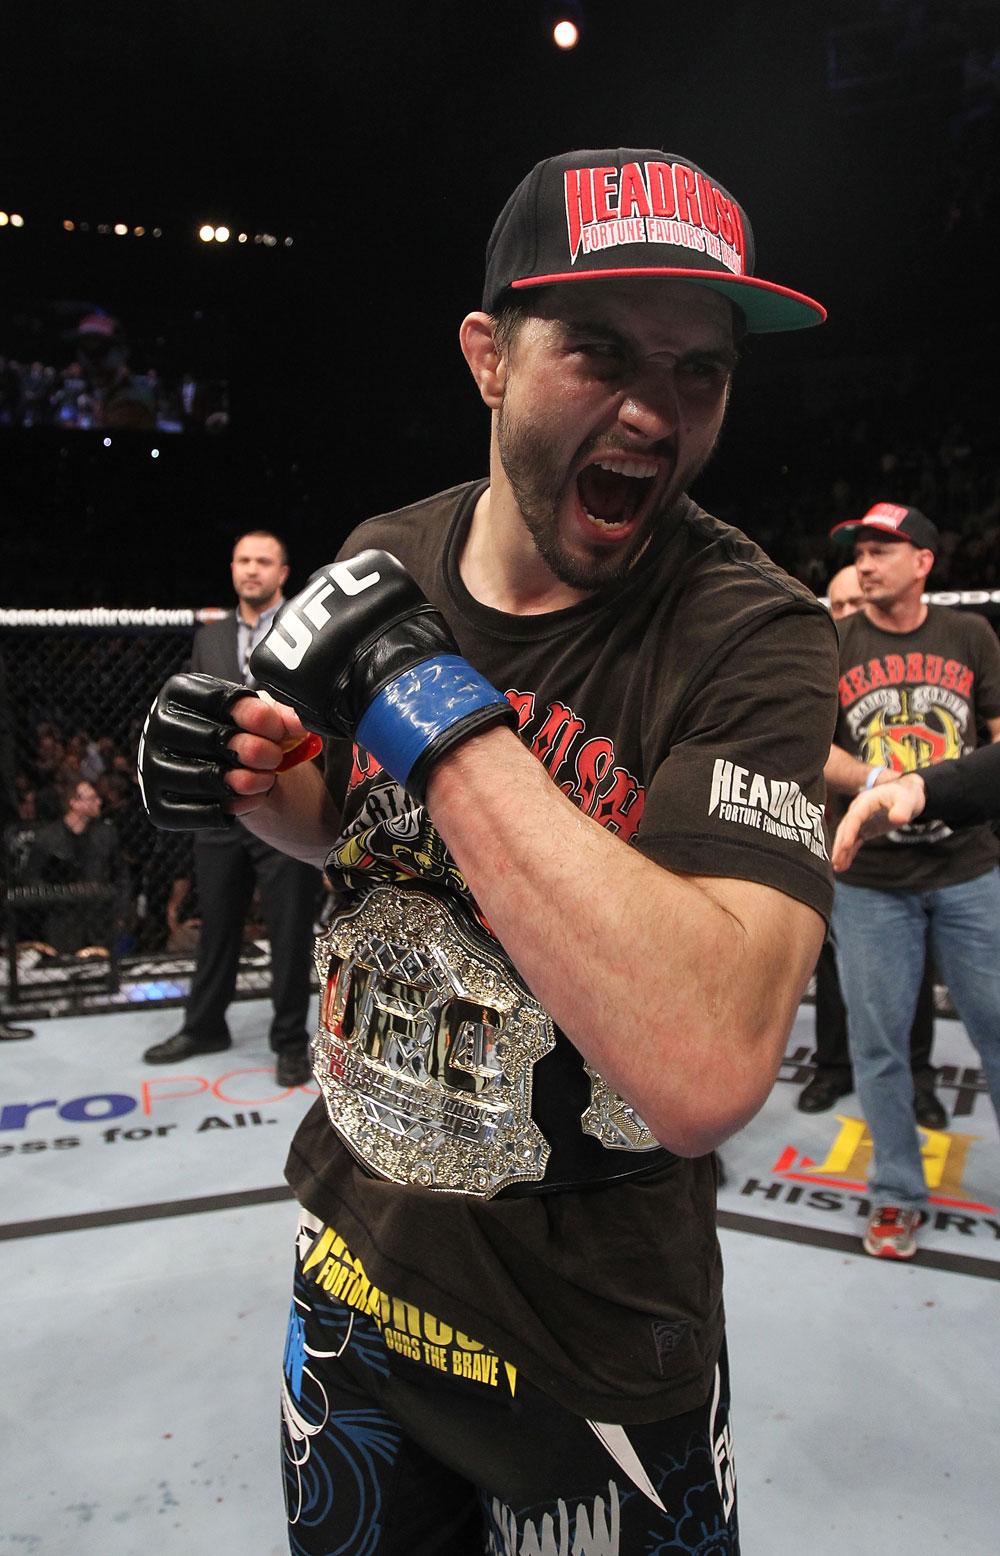 interim UFC welterweight champion Carlos Condit